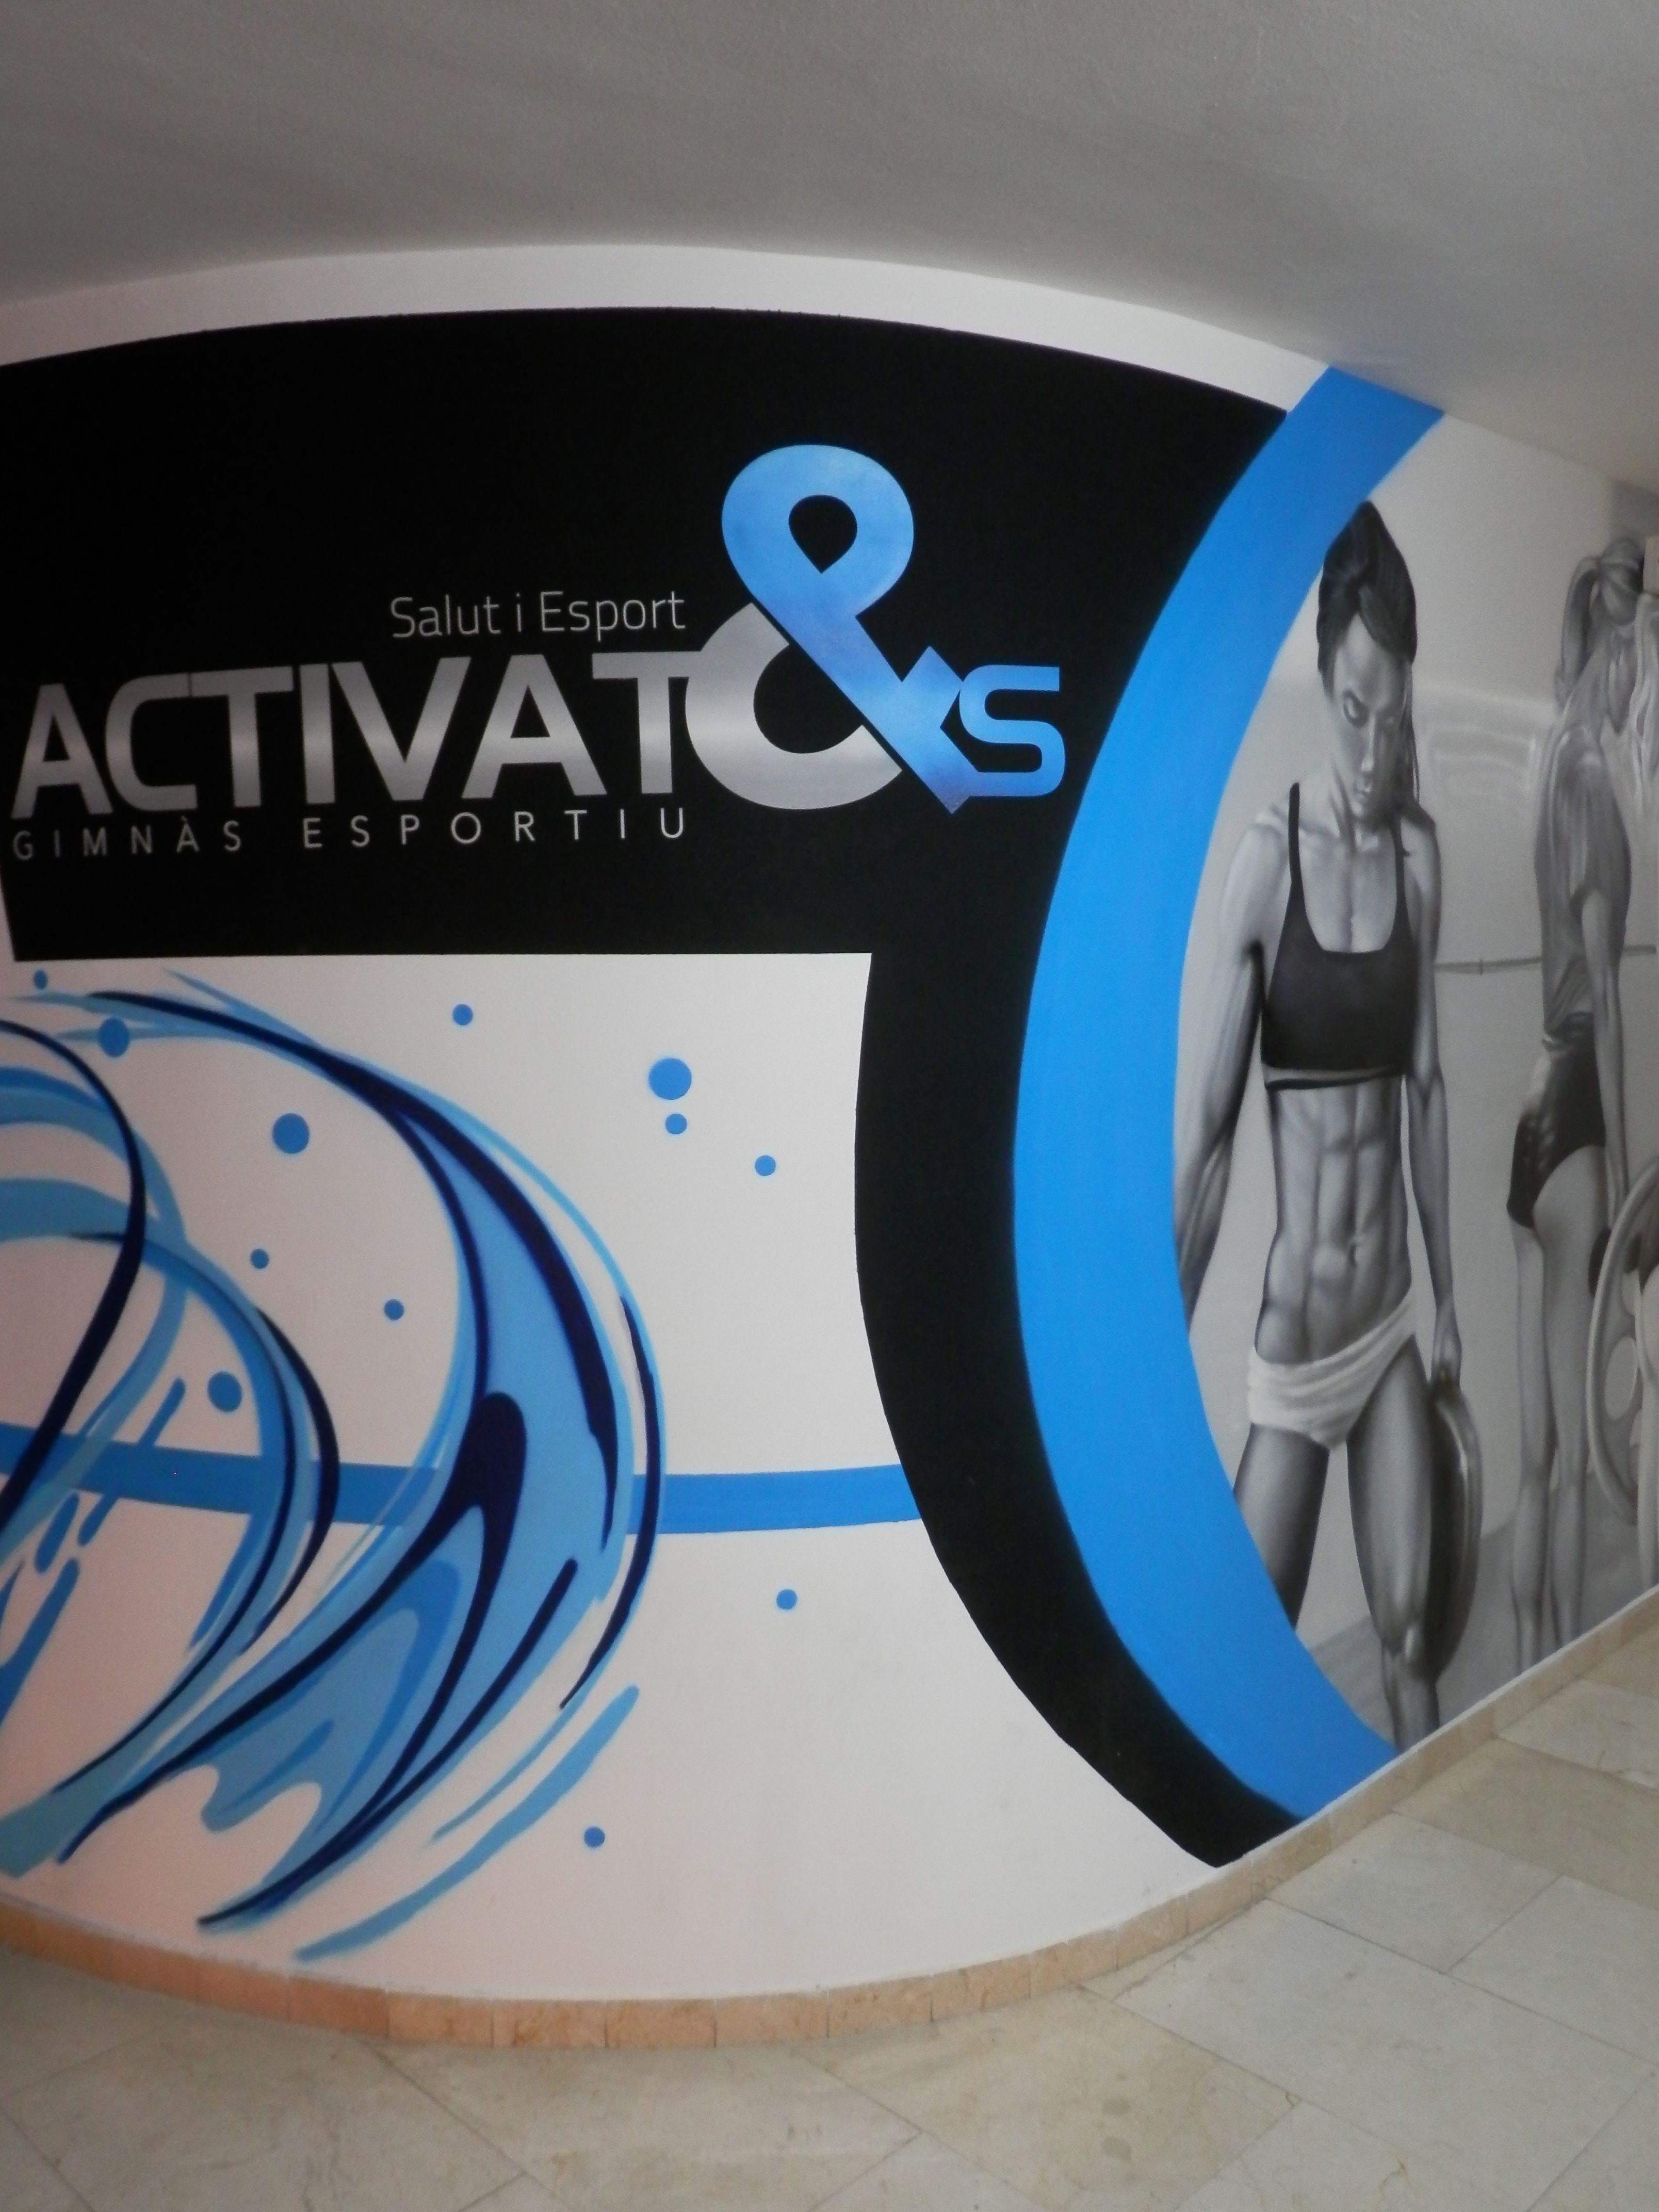 Gimnasio deportivo ActivaT&S en Premià de Mar